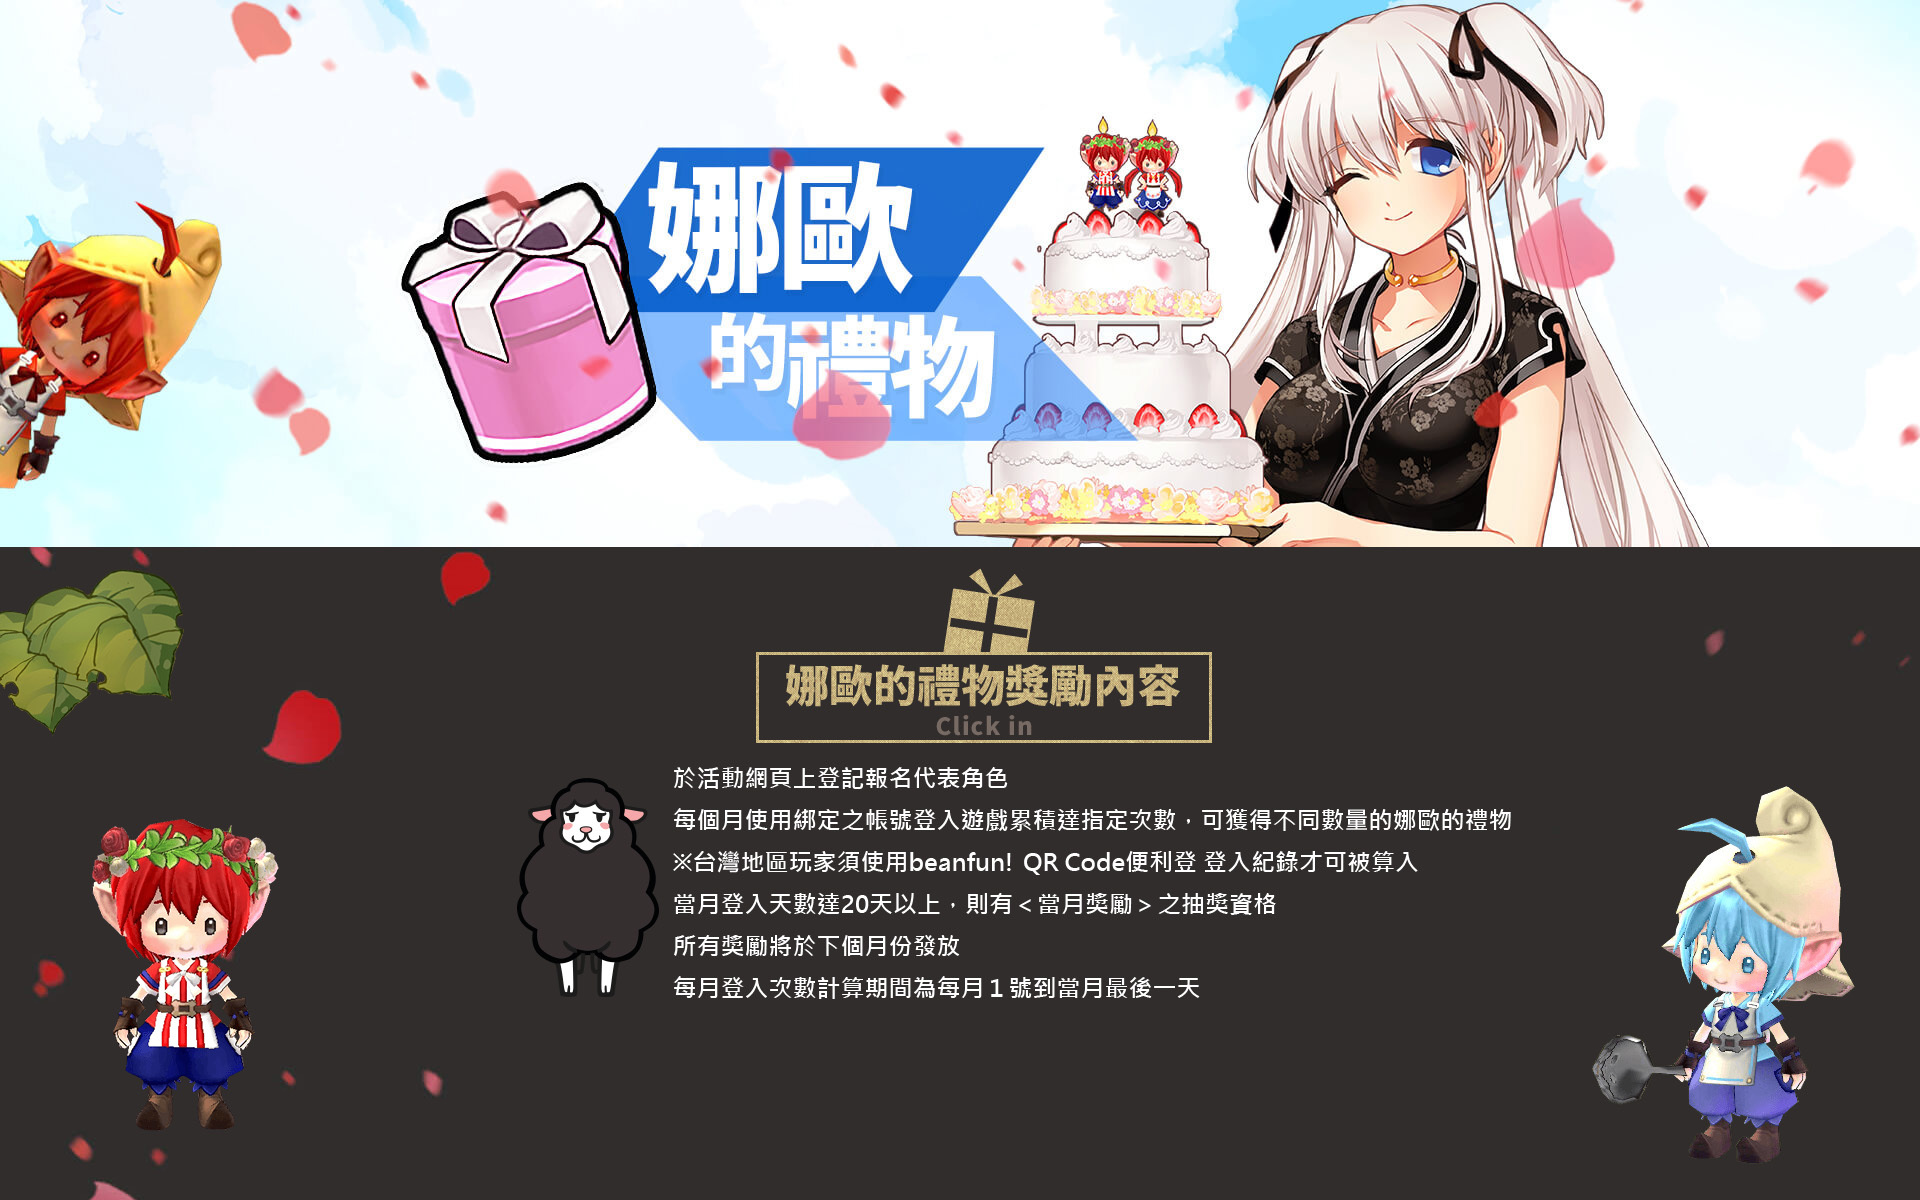 ナオからのプレゼント・台湾